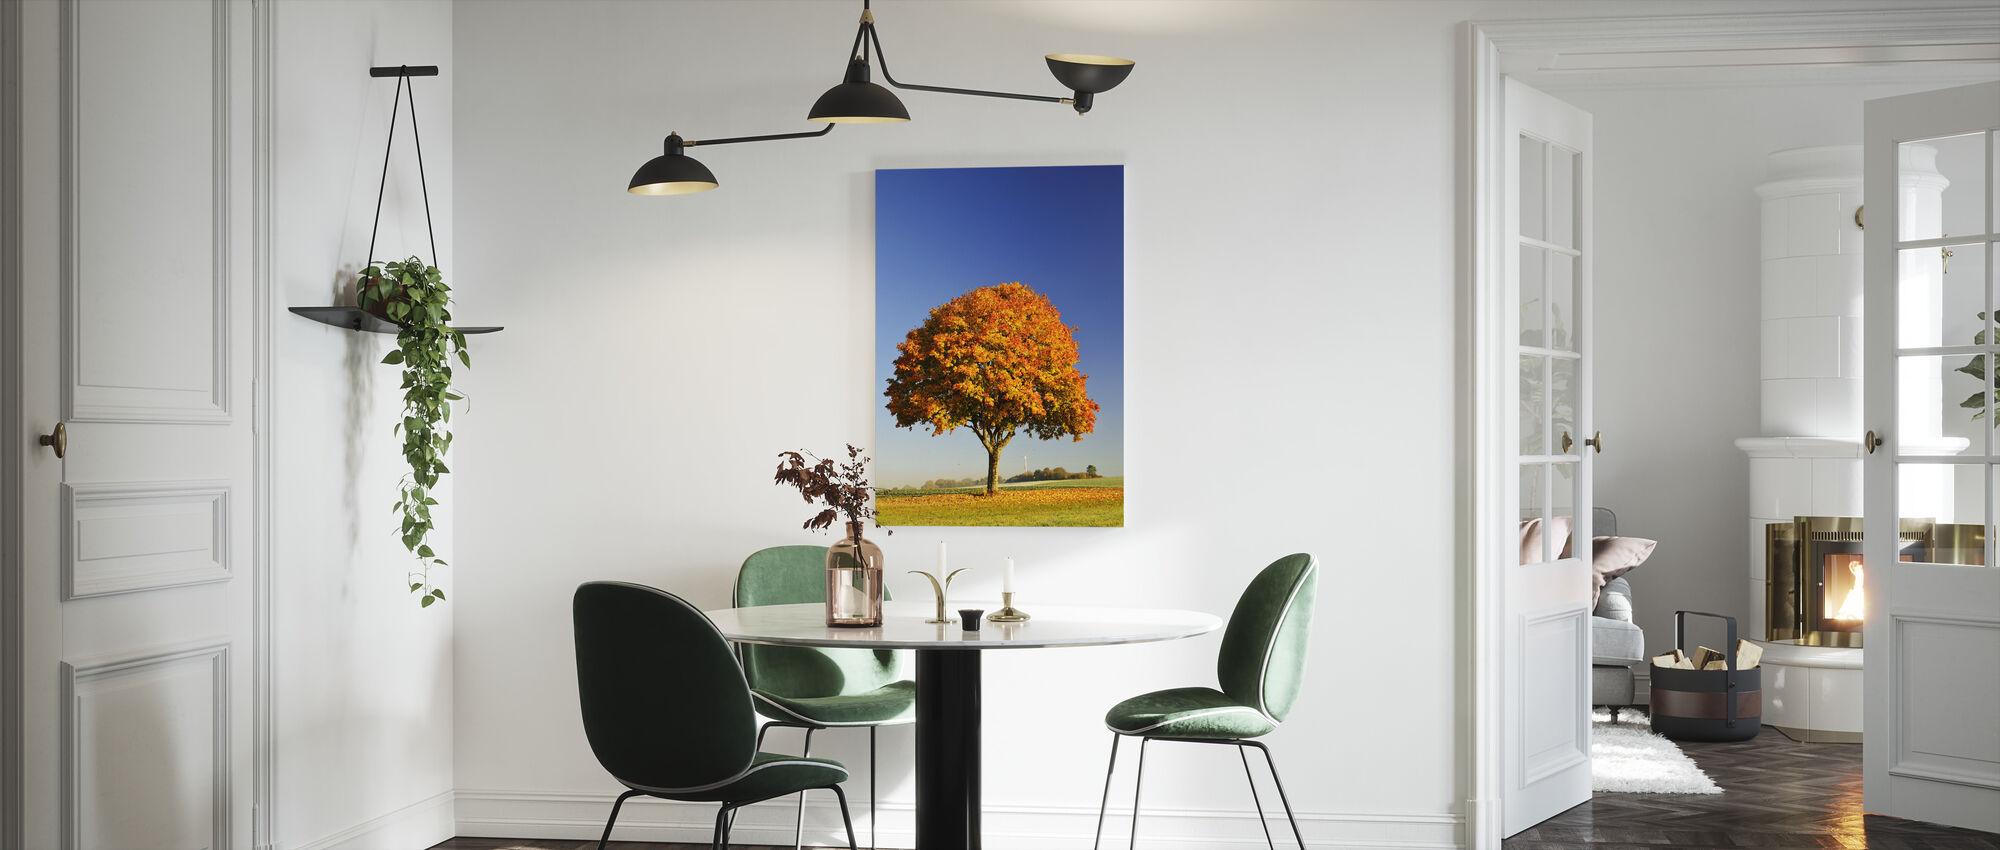 Majesteettinen vaahtera puu - Canvastaulu - Keittiö